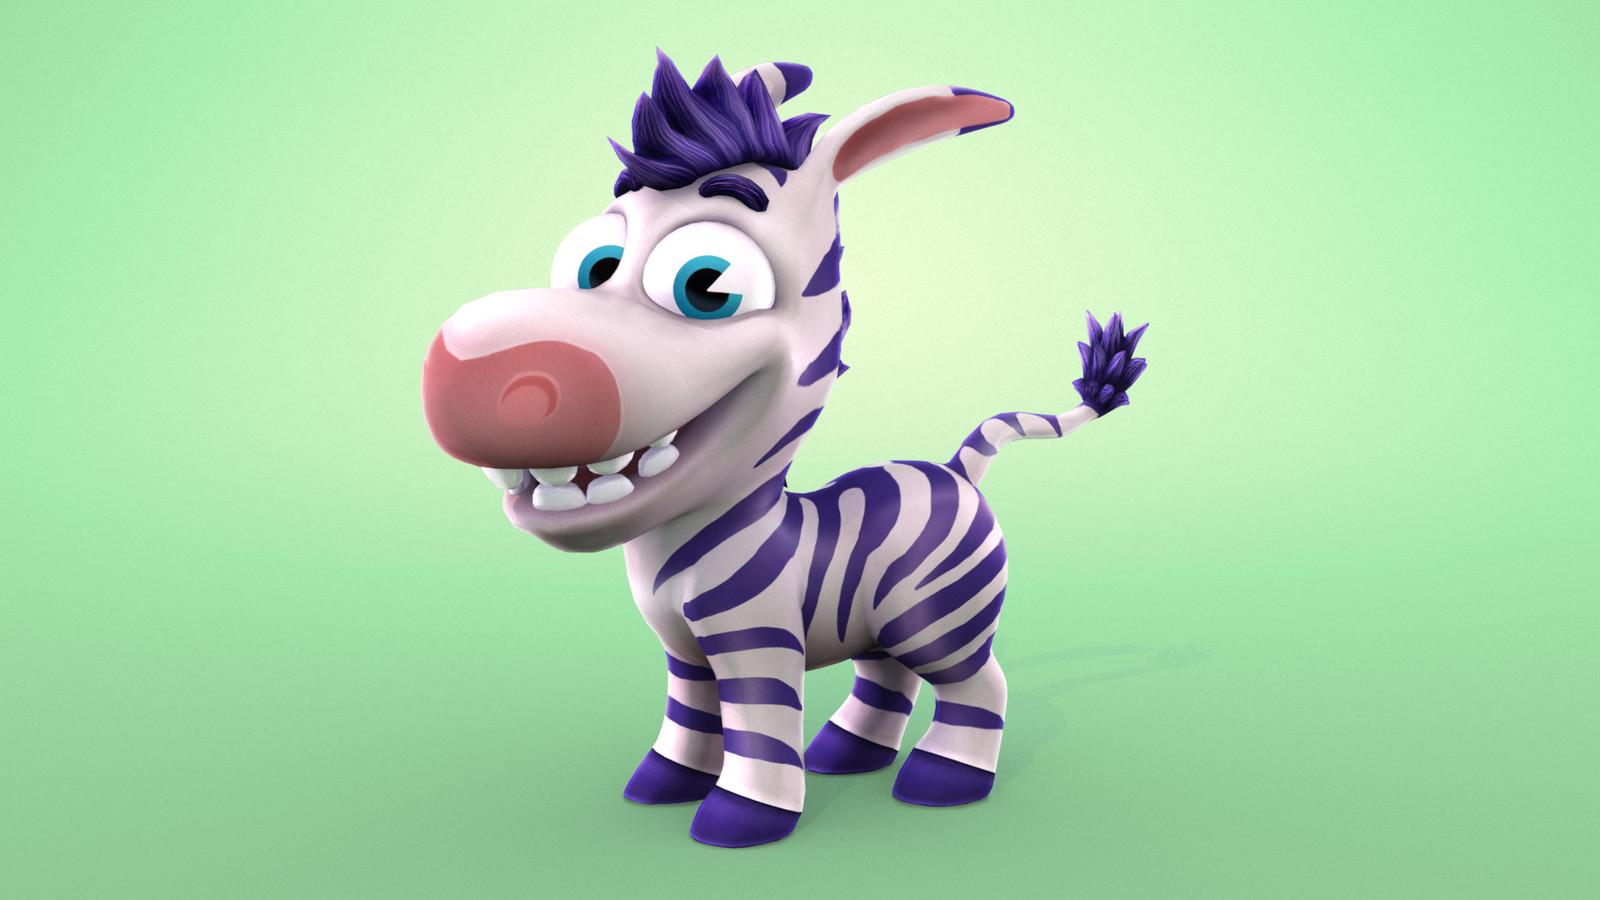 'Tiny Zebra' Main Character